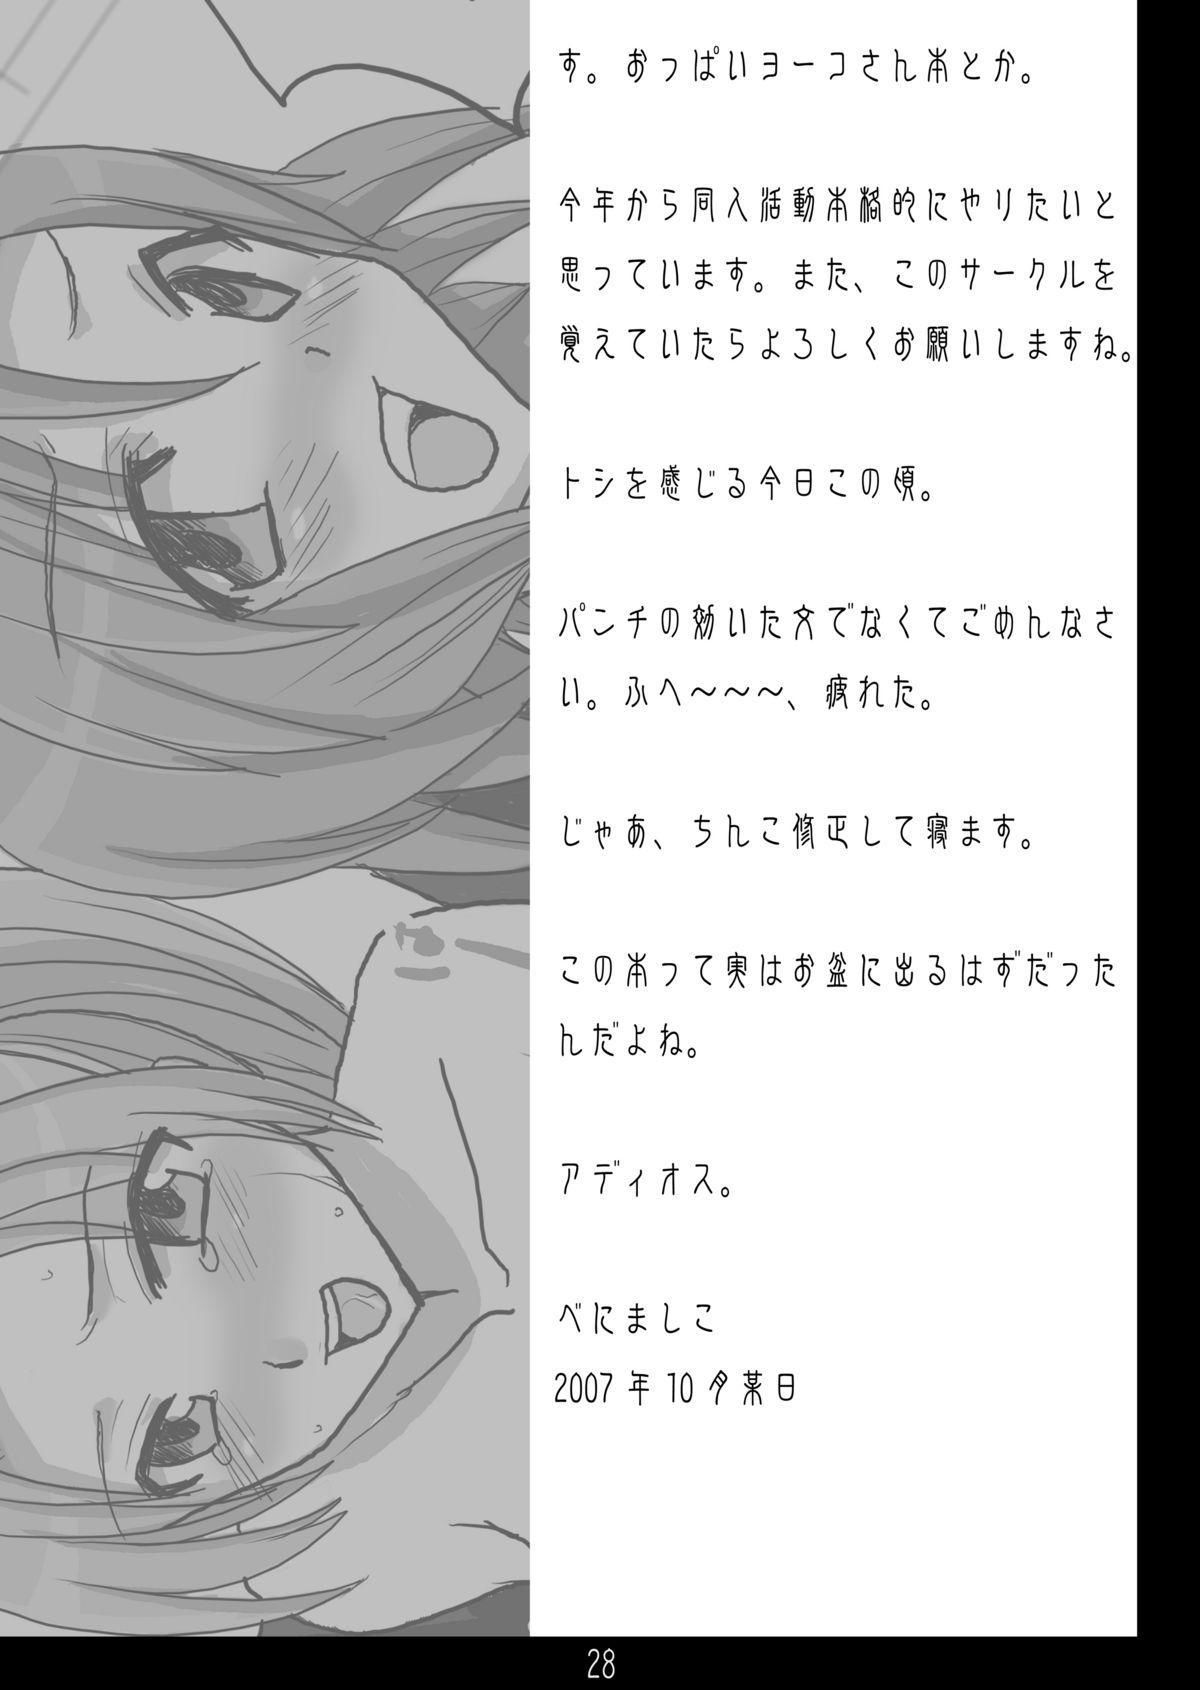 Aihina 28